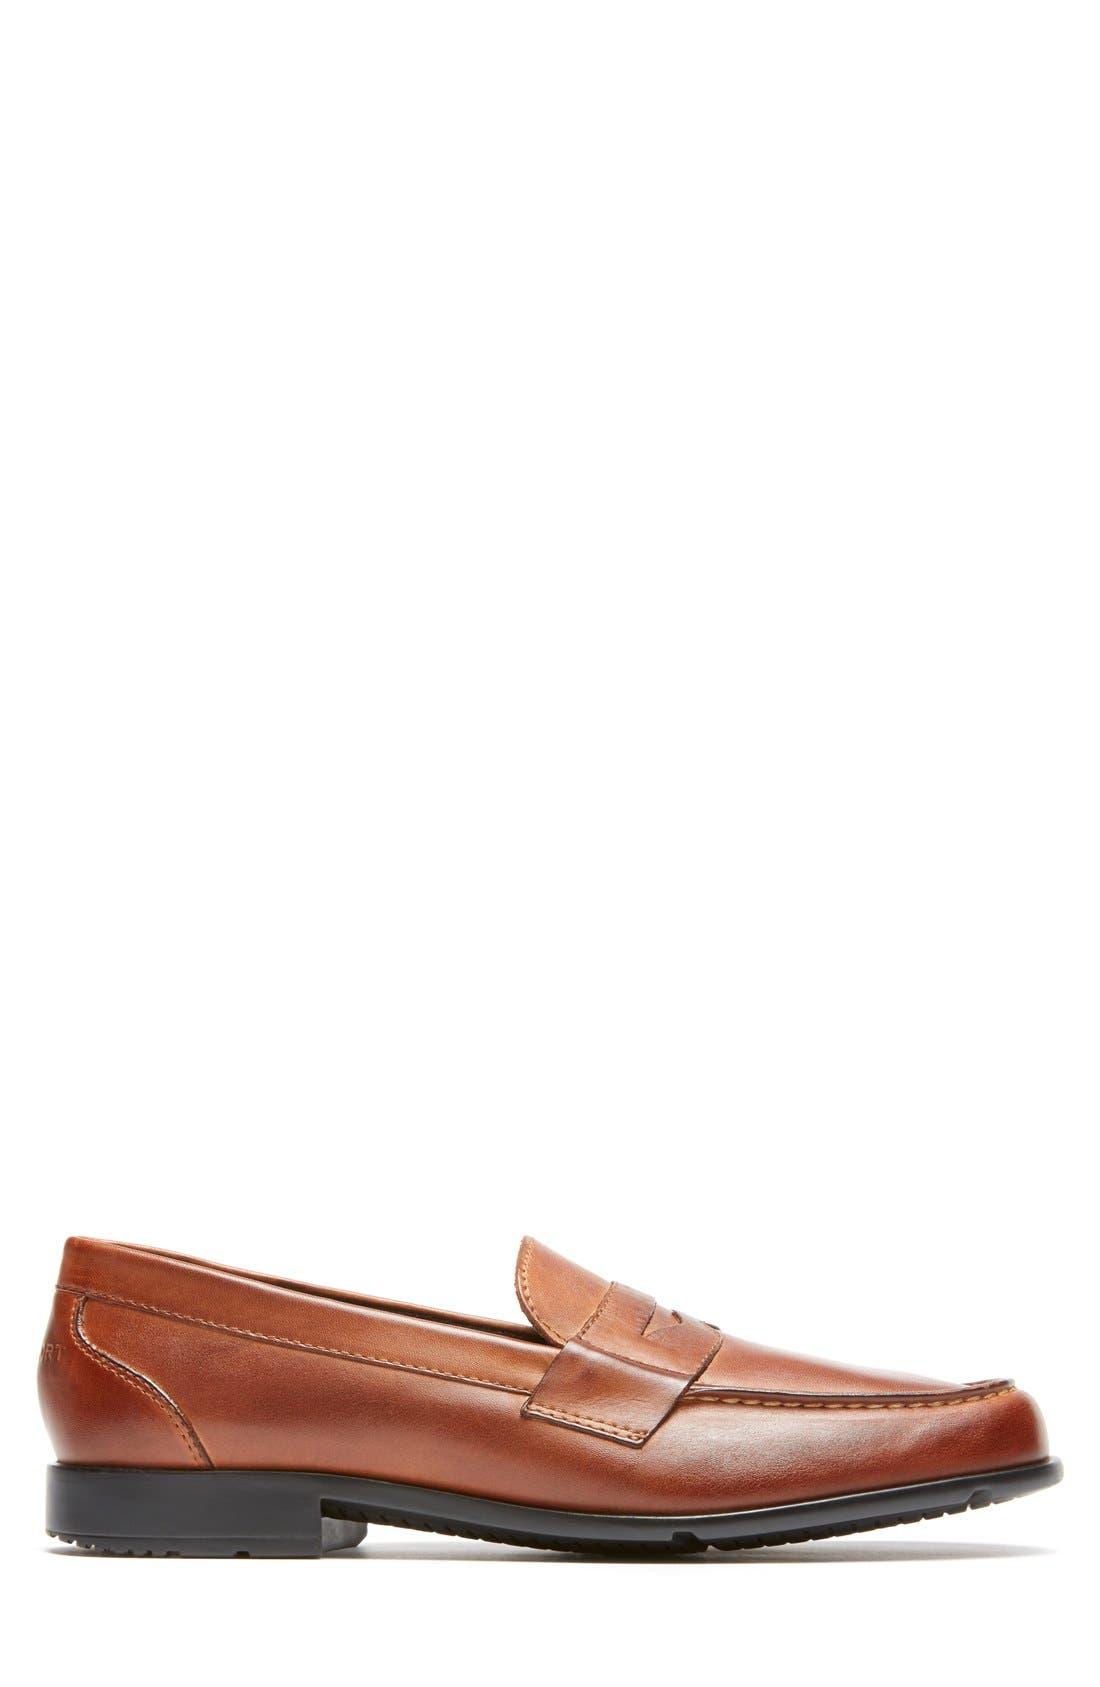 Alternate Image 3  - Rockport Leather Penny Loafer (Men)